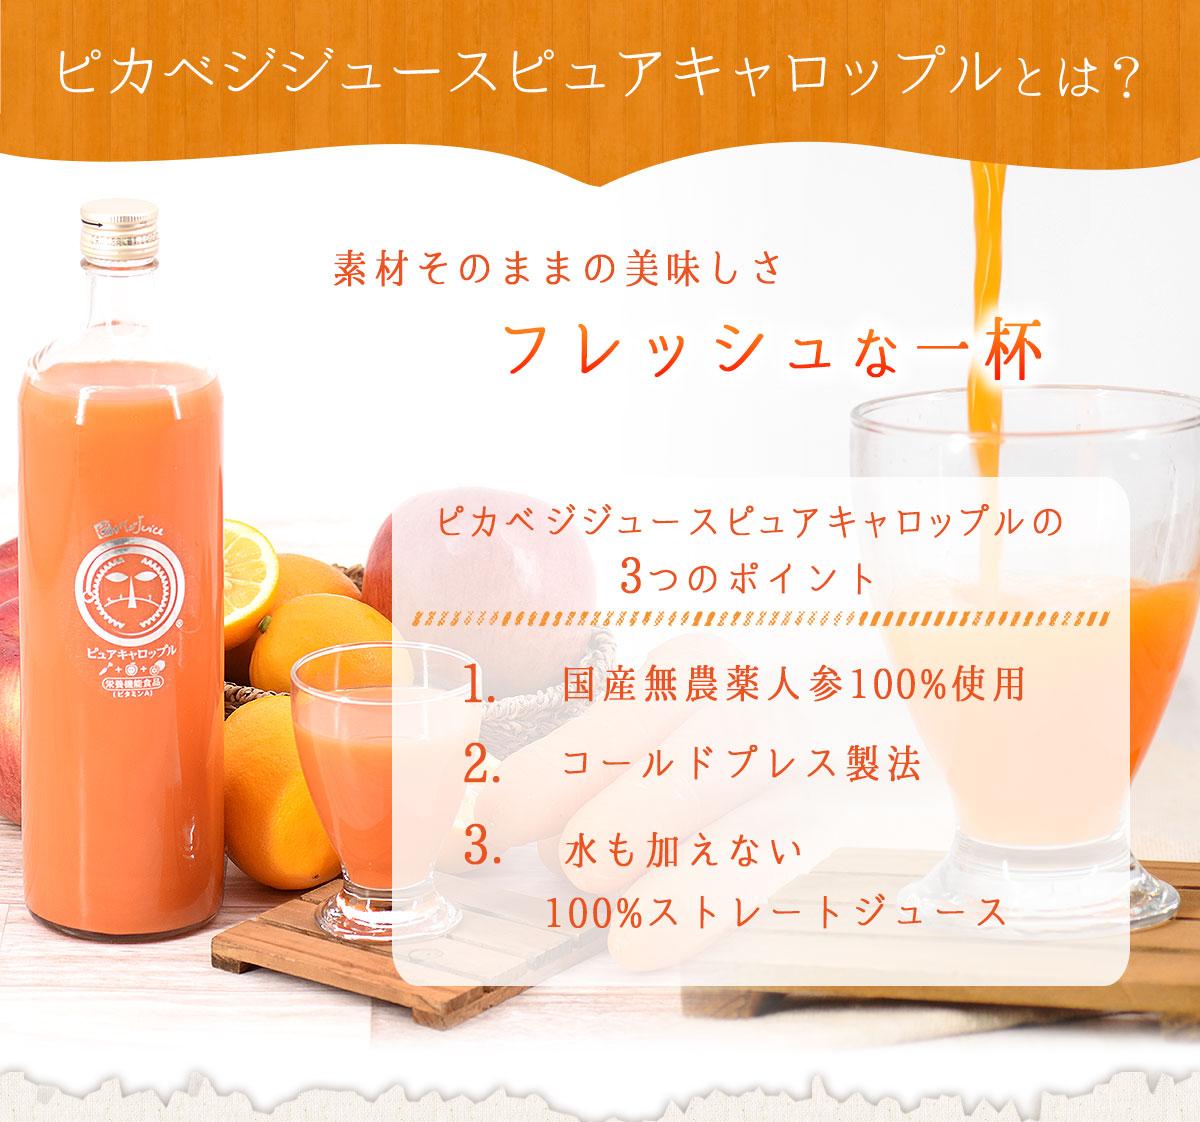 酵母ドリンクデビューセット 4本入 (コーボン 1本、ピュアキャロップル 900ml×3本)野菜ジュース 酵素ドリンク 発酵飲料